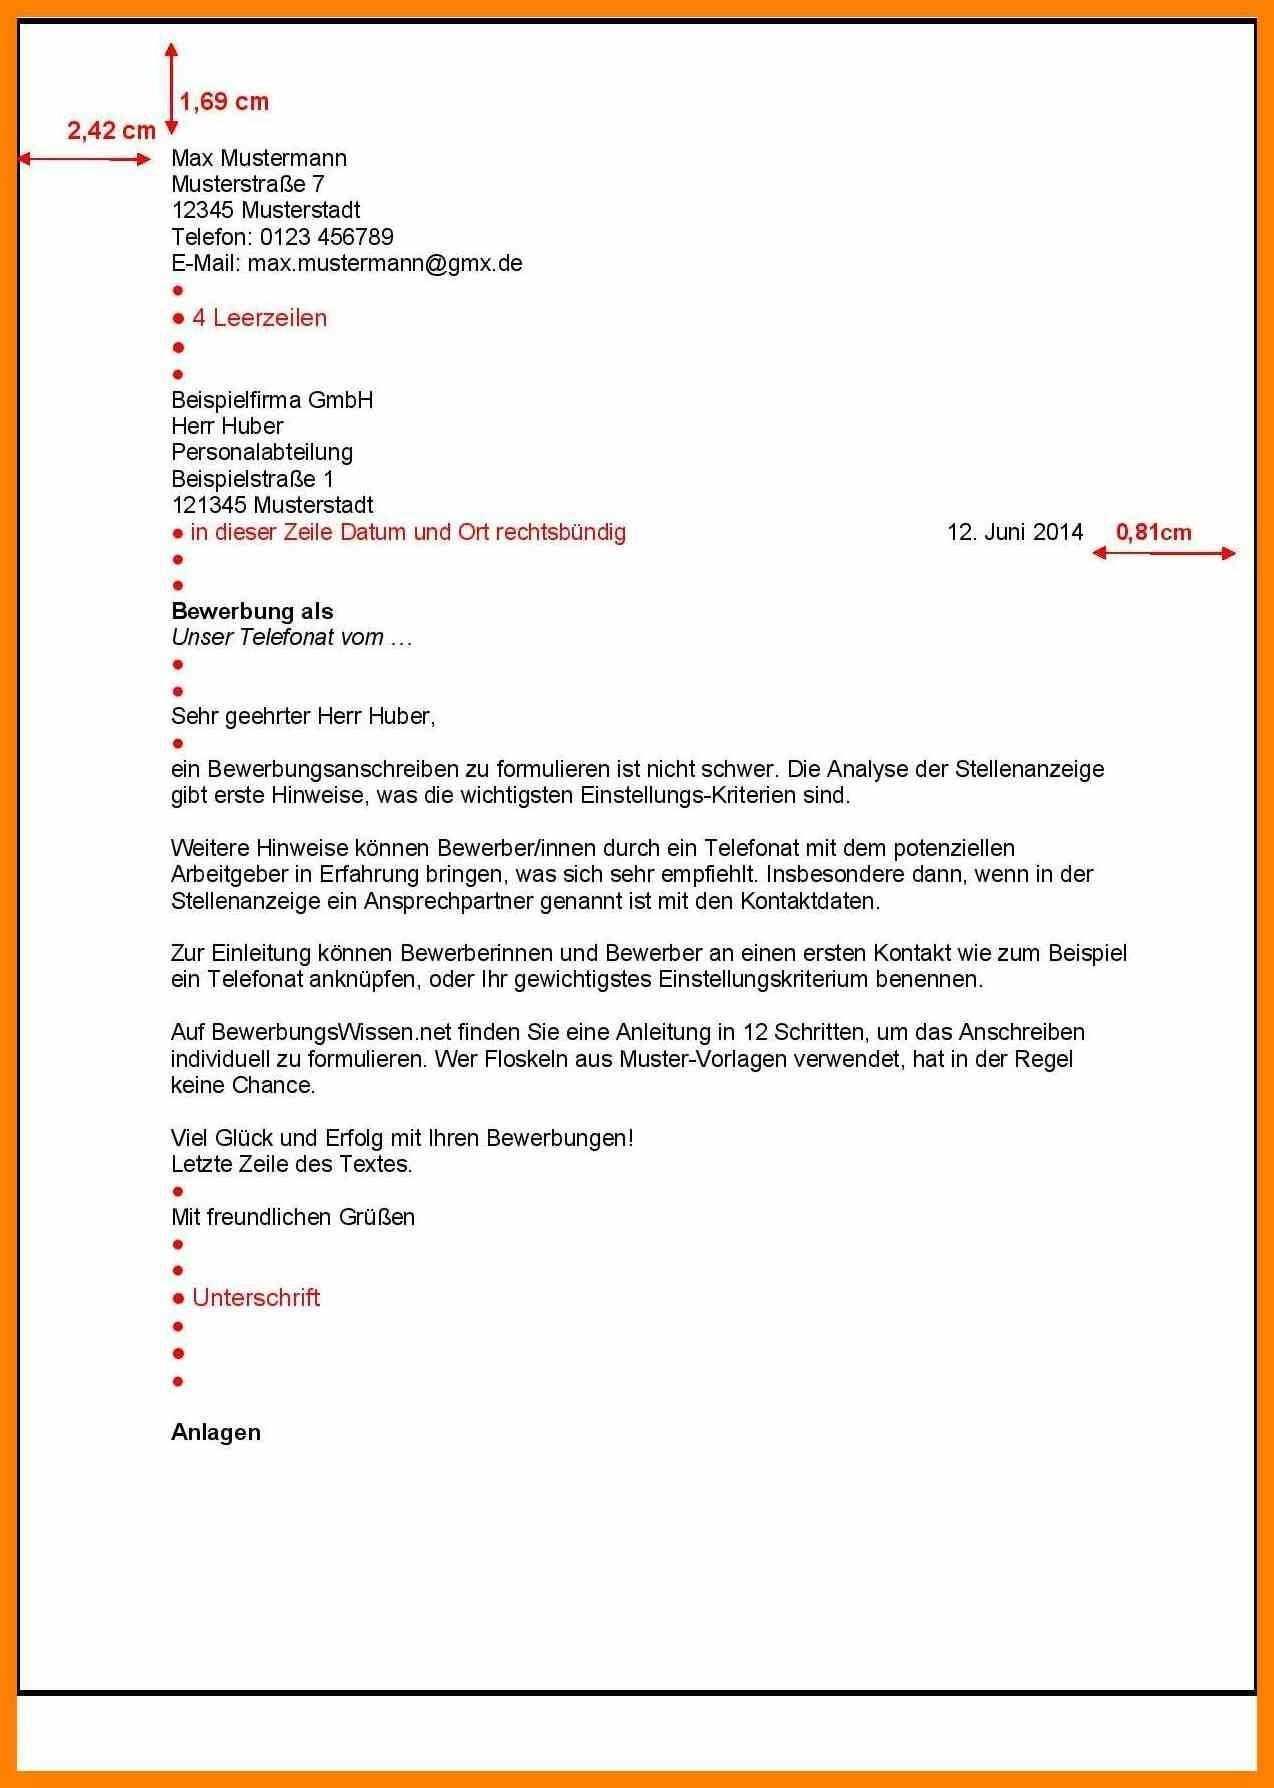 Briefprobe Briefformat Briefvorlage Vorlage Bewerbung